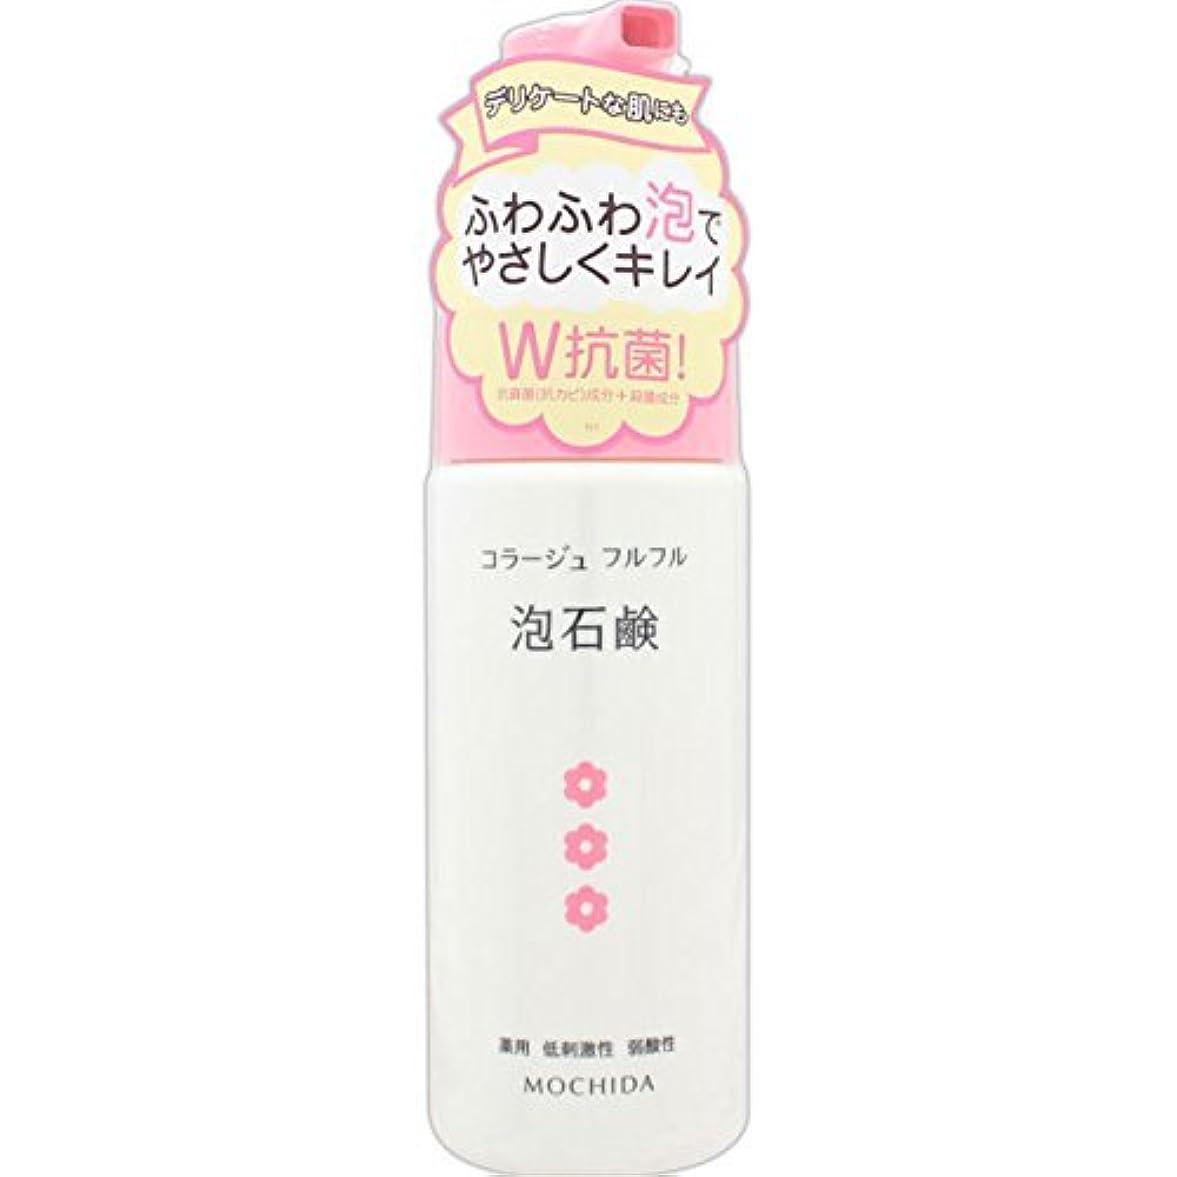 まだら牧師ティッシュコラージュフルフル 泡石鹸 ピンク 150mL (医薬部外品) ×7